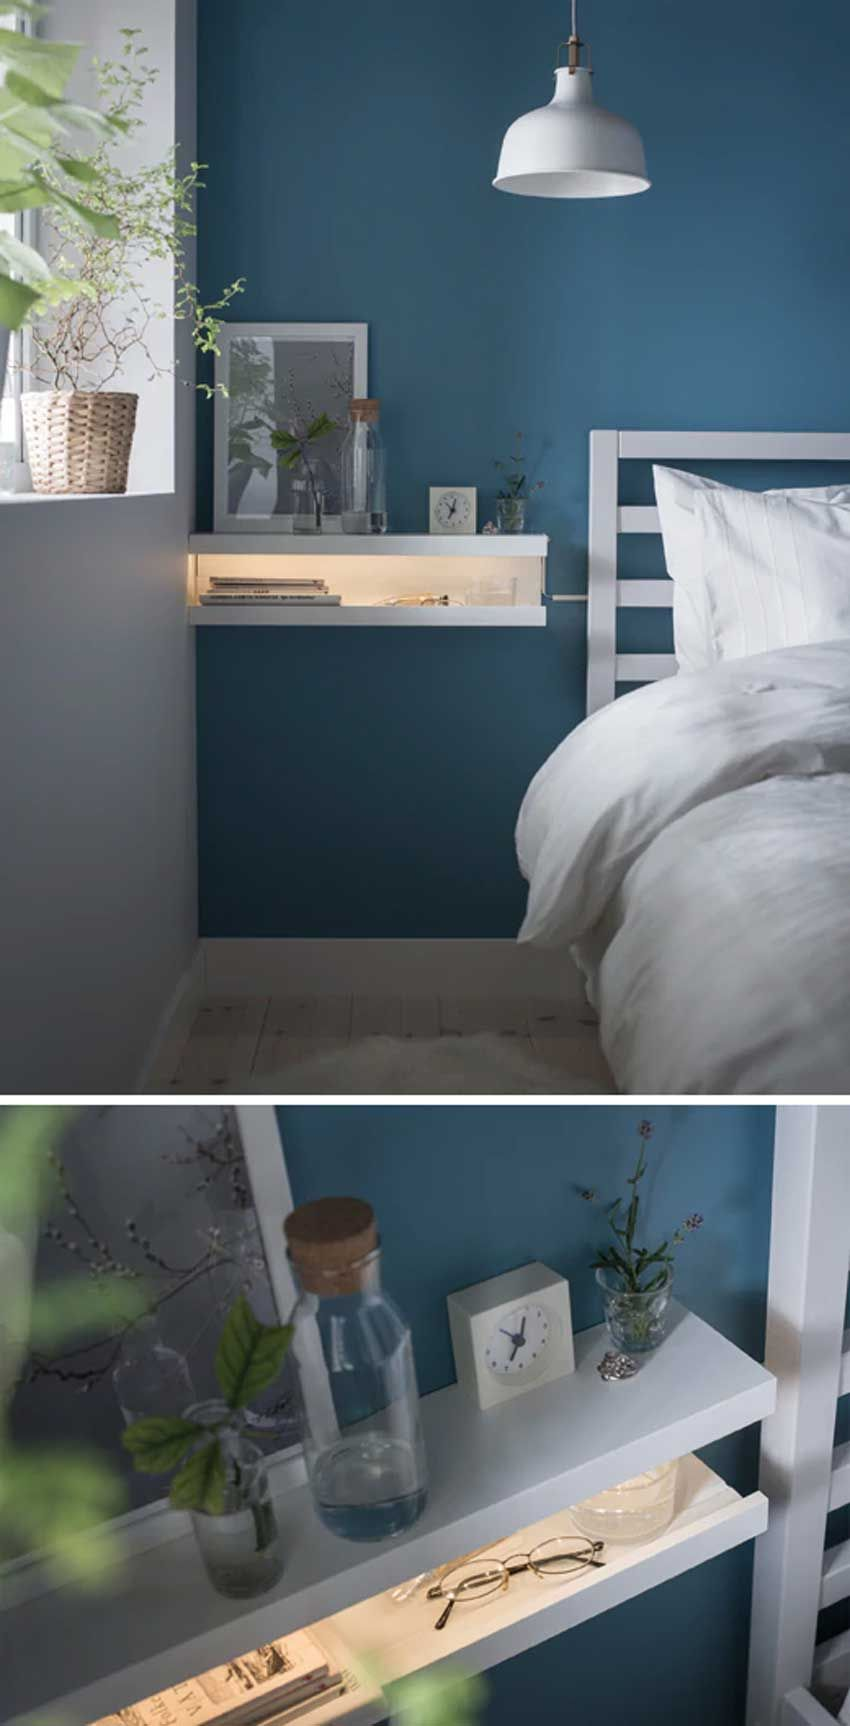 Leggi come fare per ottimizzare gli spazi a disposizione nella tua zona notte. Pin Su Decorare Casa Home Decor